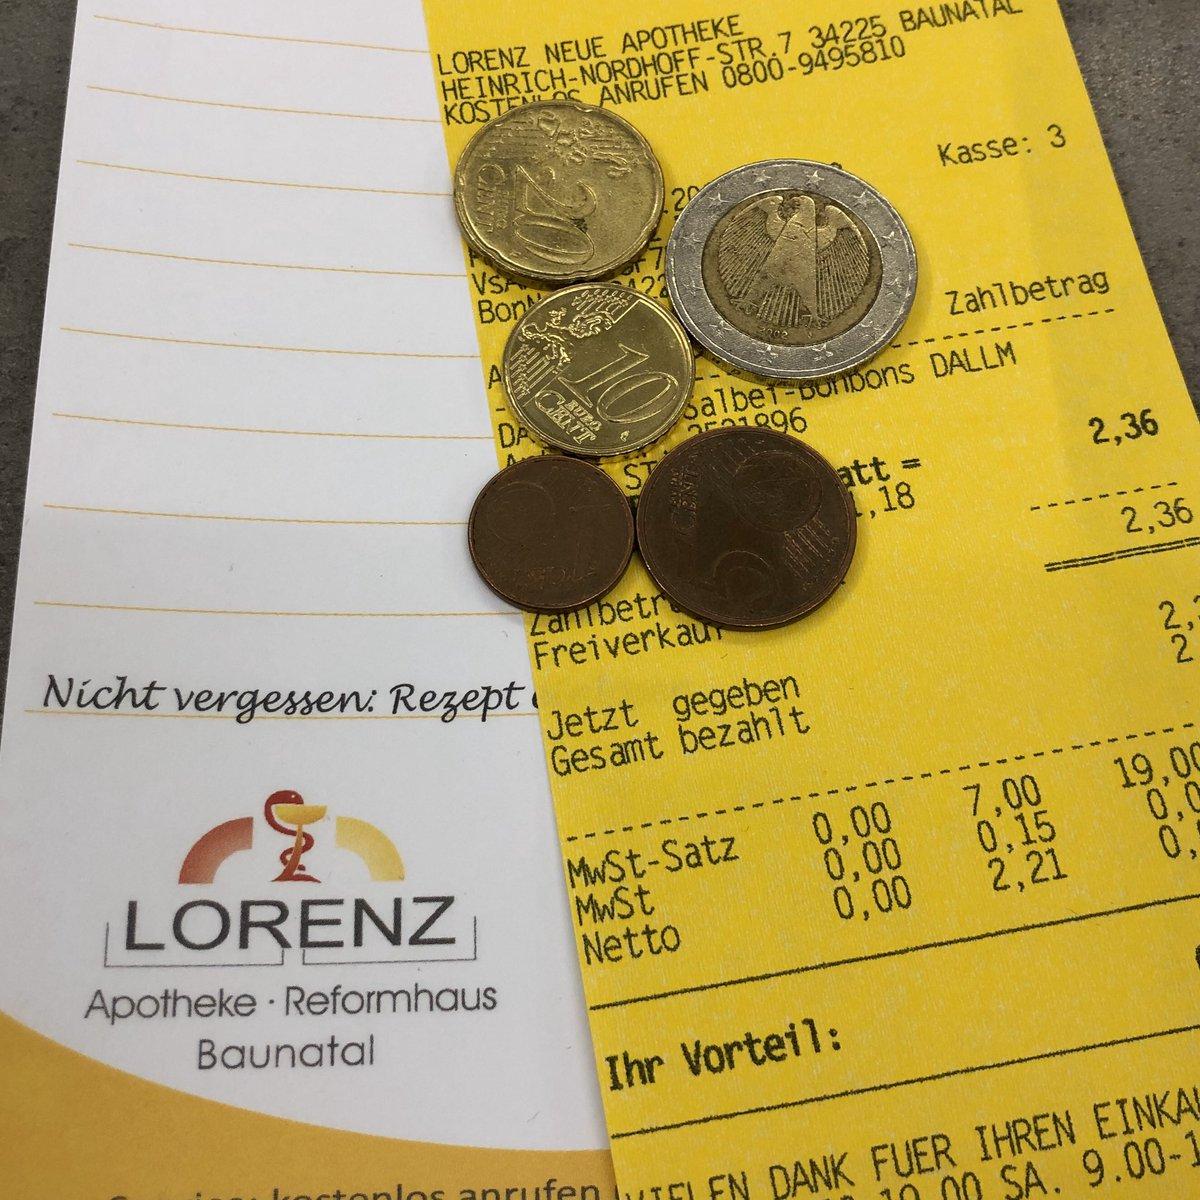 #LORENZneue|#Baunatal|#Corona|#Wechselgeld  Liebe Baunataler(innen), liebe Kund(inn)en,  bitte haben Sie Verständnis,  dass wir momentan kein Wechselgeld über die Bank beziehen können, darum zahlen Sie möglichst passend  oder mit Ihrer EC-Karte.  Danke  und bleiben Sie gesund!pic.twitter.com/8oedSyIT00